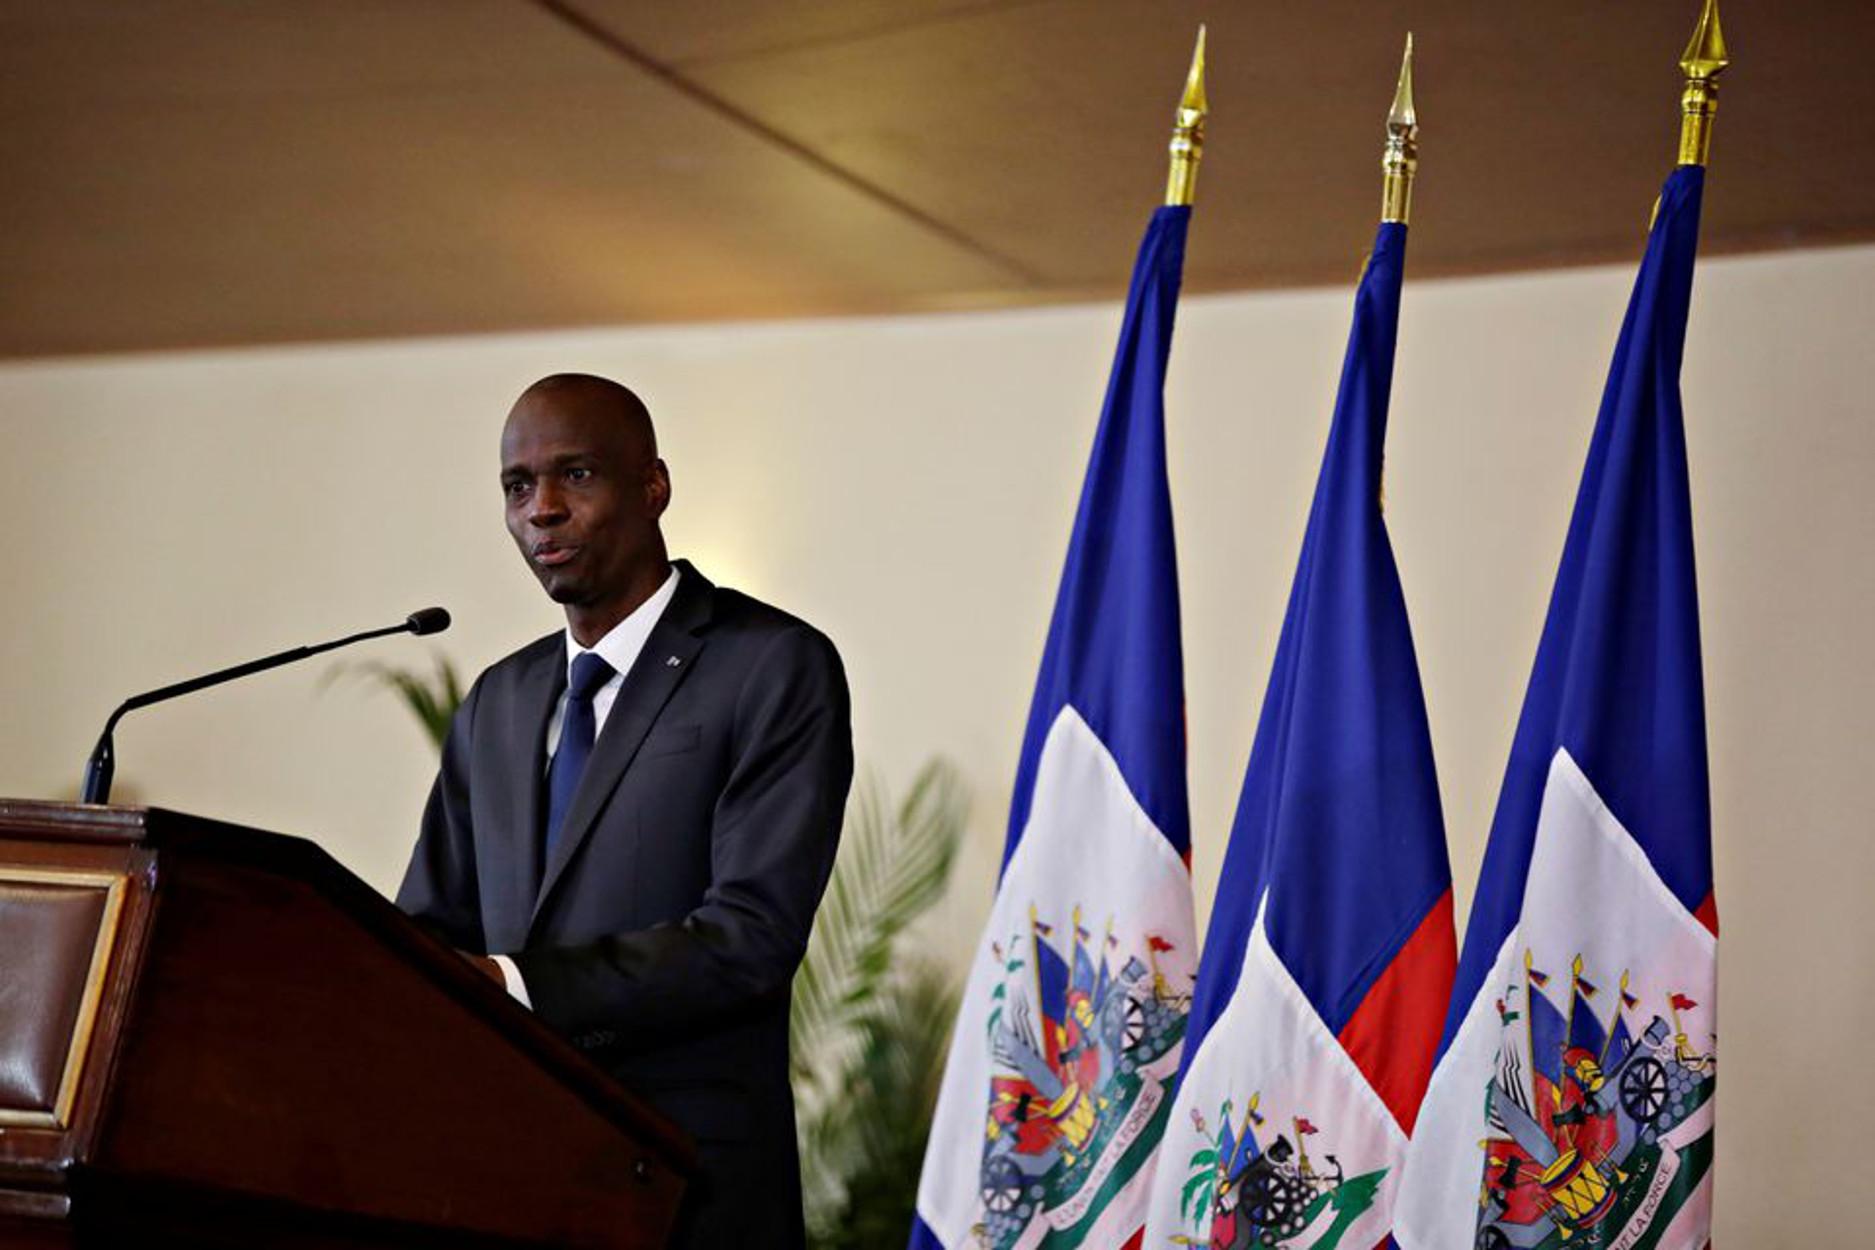 Αϊτή: Αναβλήθηκε το δημοψήφισμα για την αναθεώρηση του Συντάγματος λόγω πανδημίας